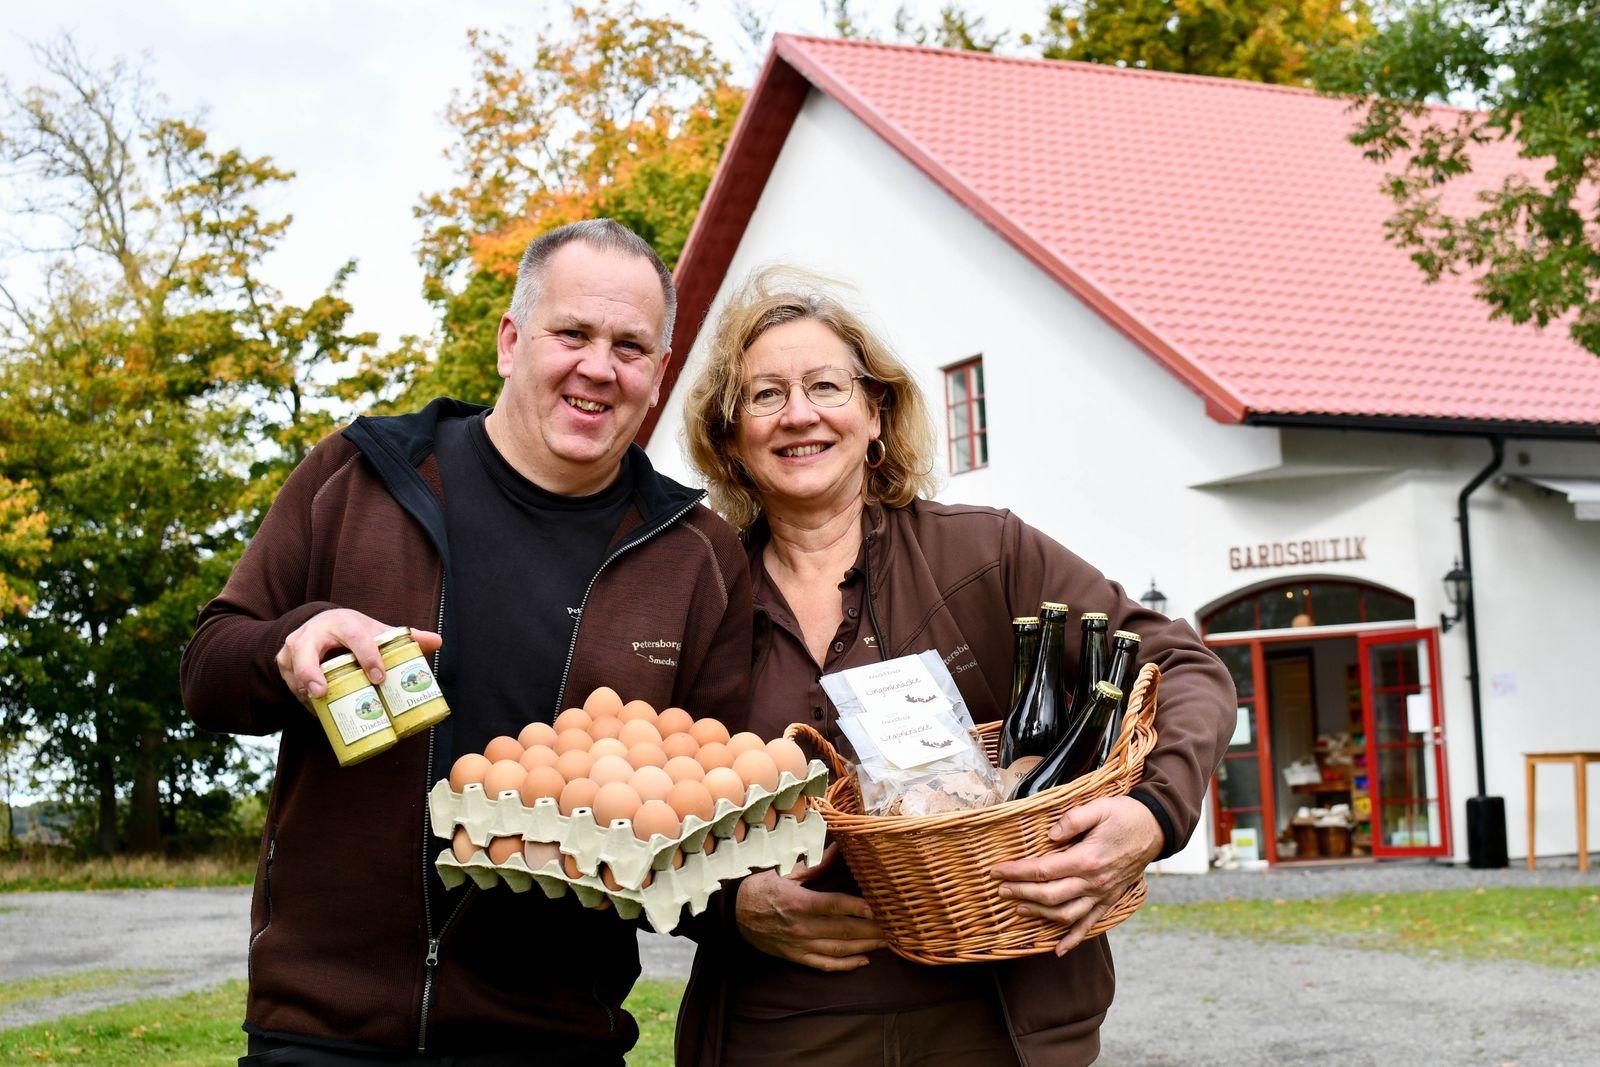 Hans Svensson och Monika Larsson vill dra sitt strå till stacken för att bevara kunskapen som ligger bakom lokalt mathantverk och säljer bara svenskproducerade produkter i sin gårdsbutik.